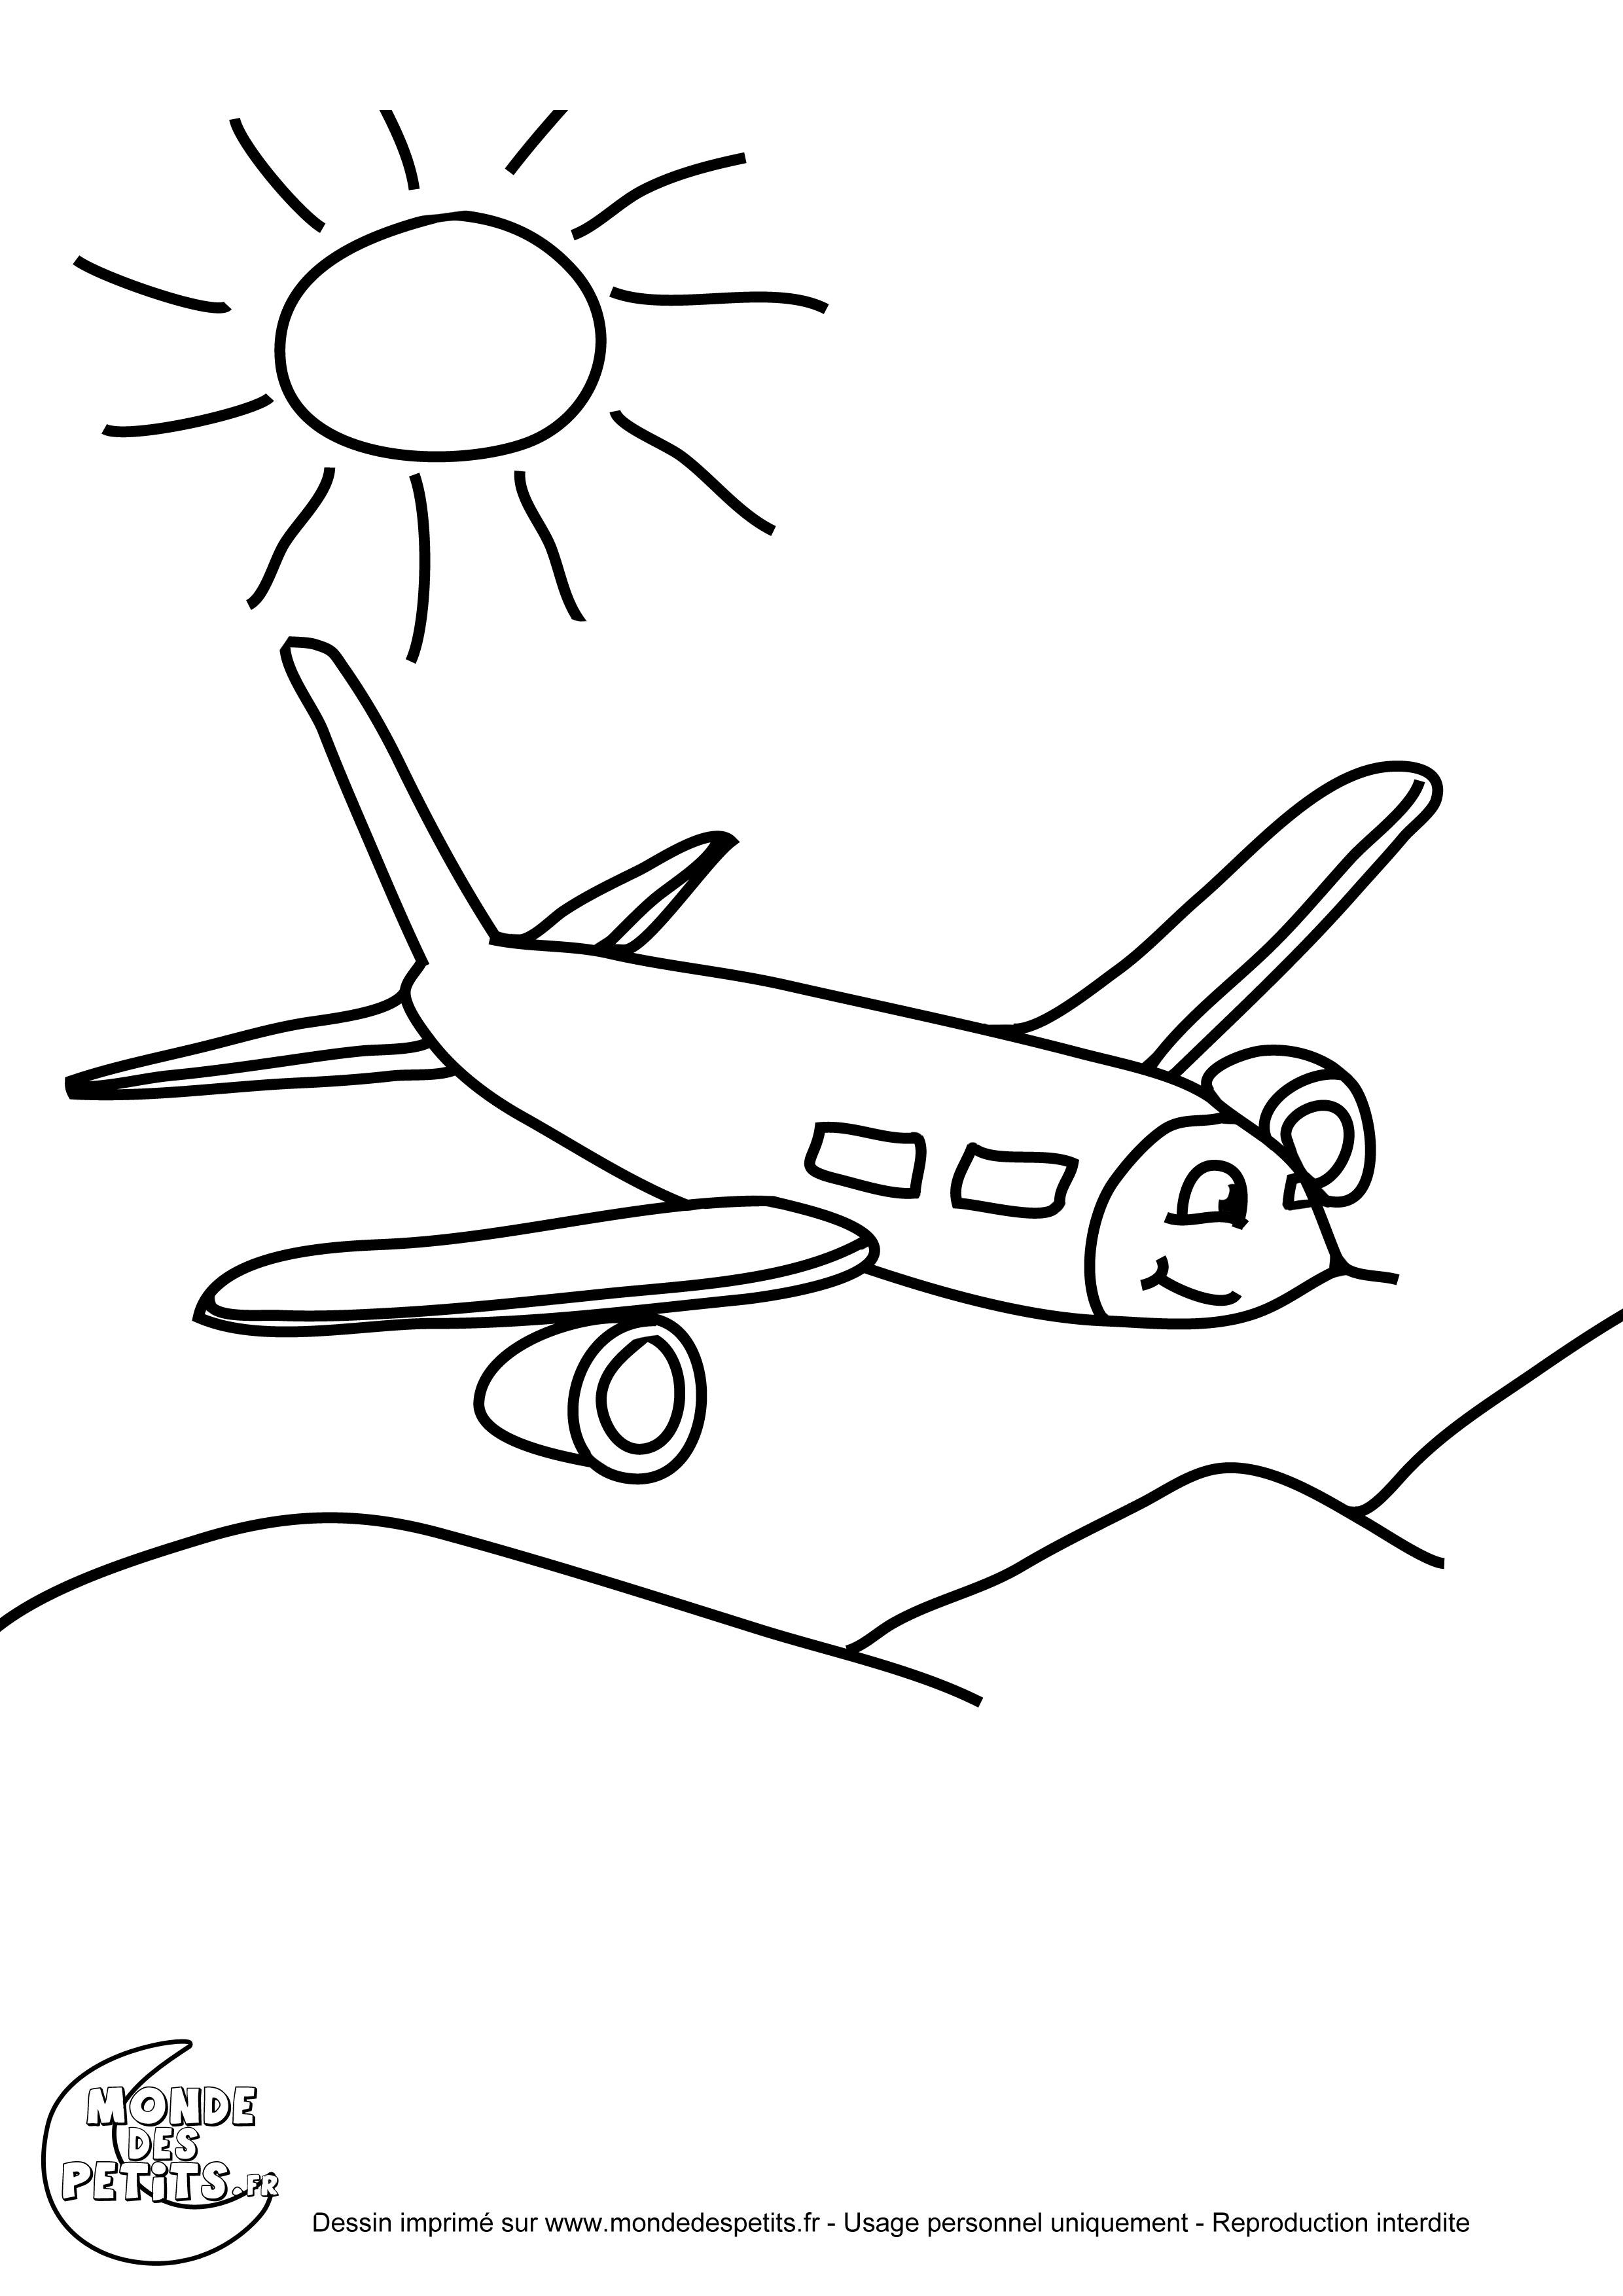 Coloriage Avion A Imprimer.Monde Des Petits Coloriages A Imprimer